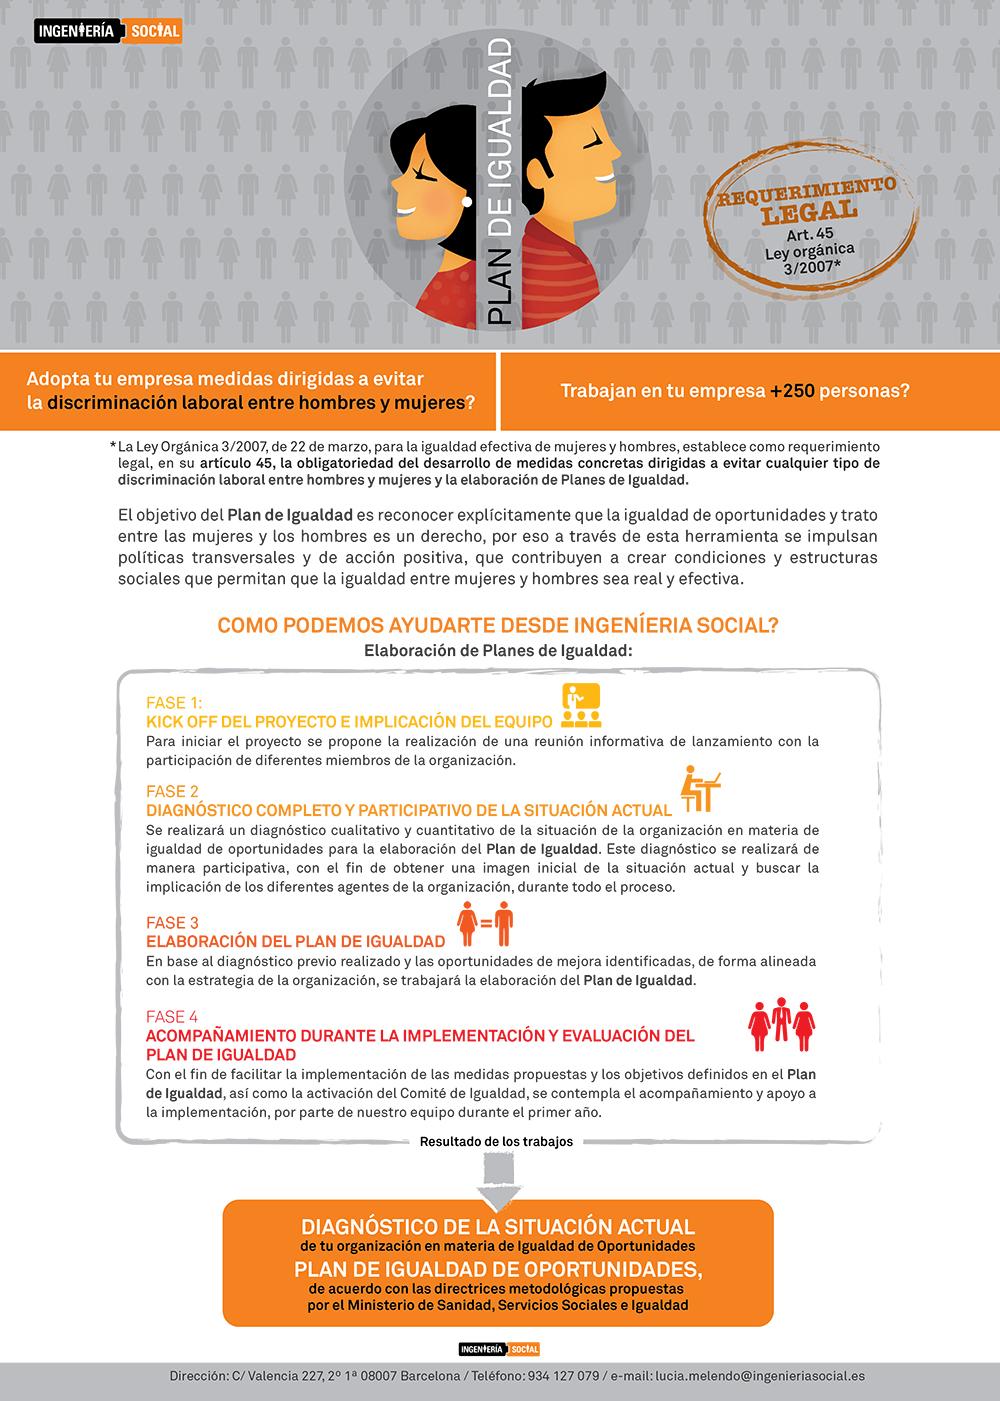 PlanDeIgualdad_CAST (1)